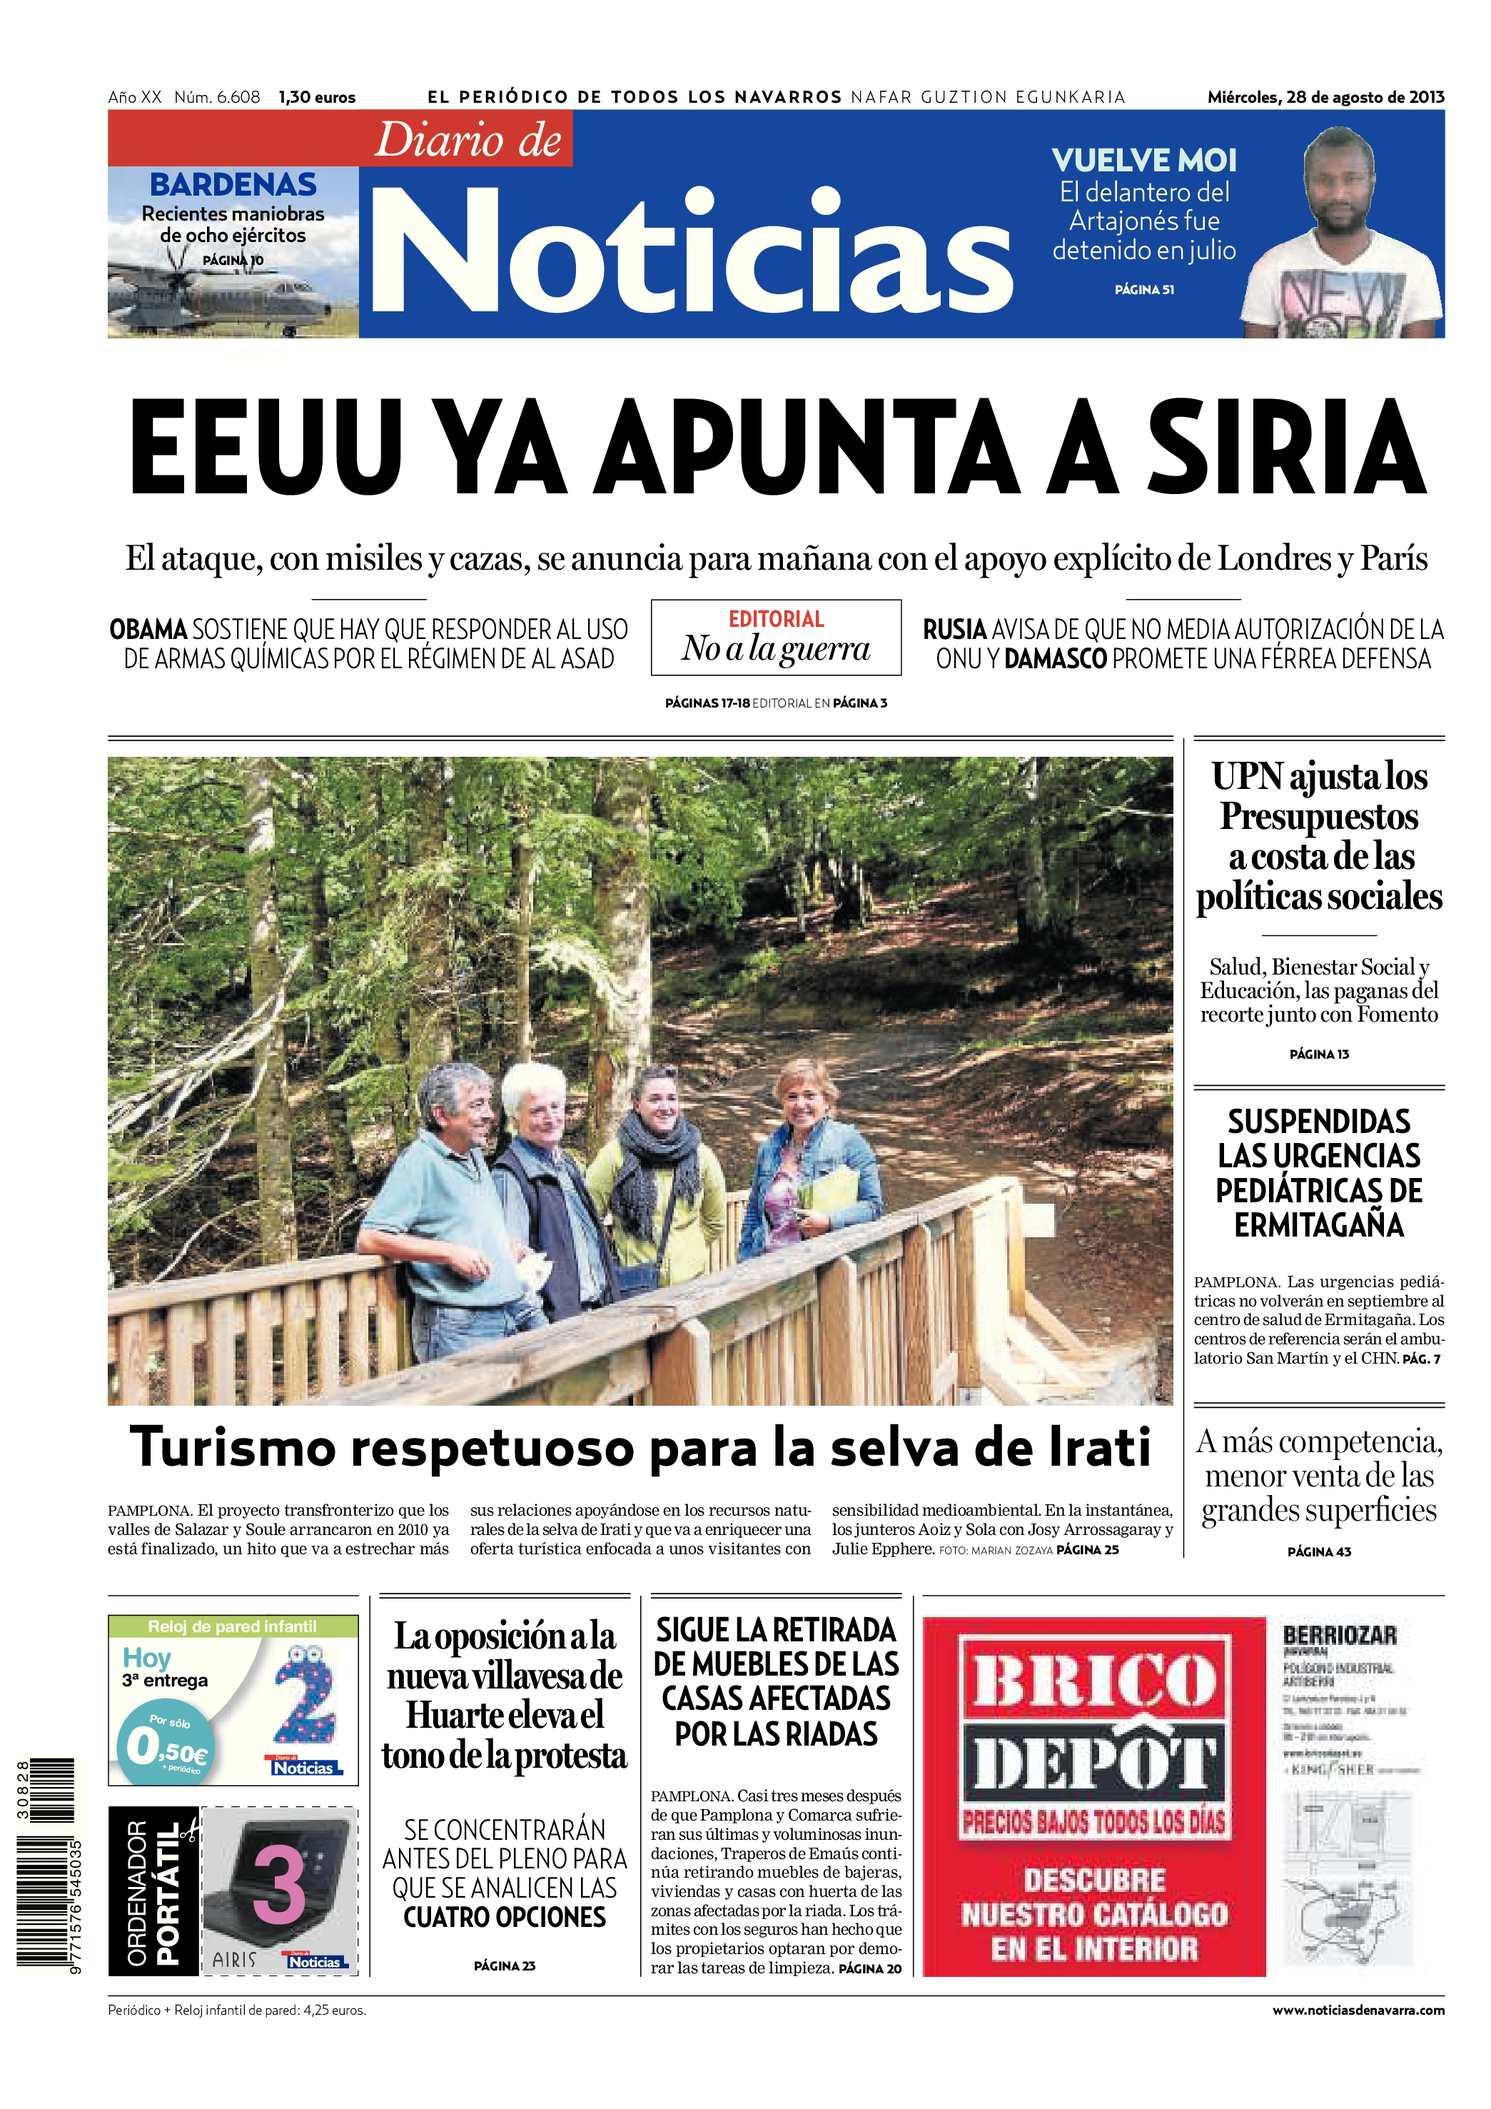 c7c528f922 Calaméo - Diario de Noticias 20130828